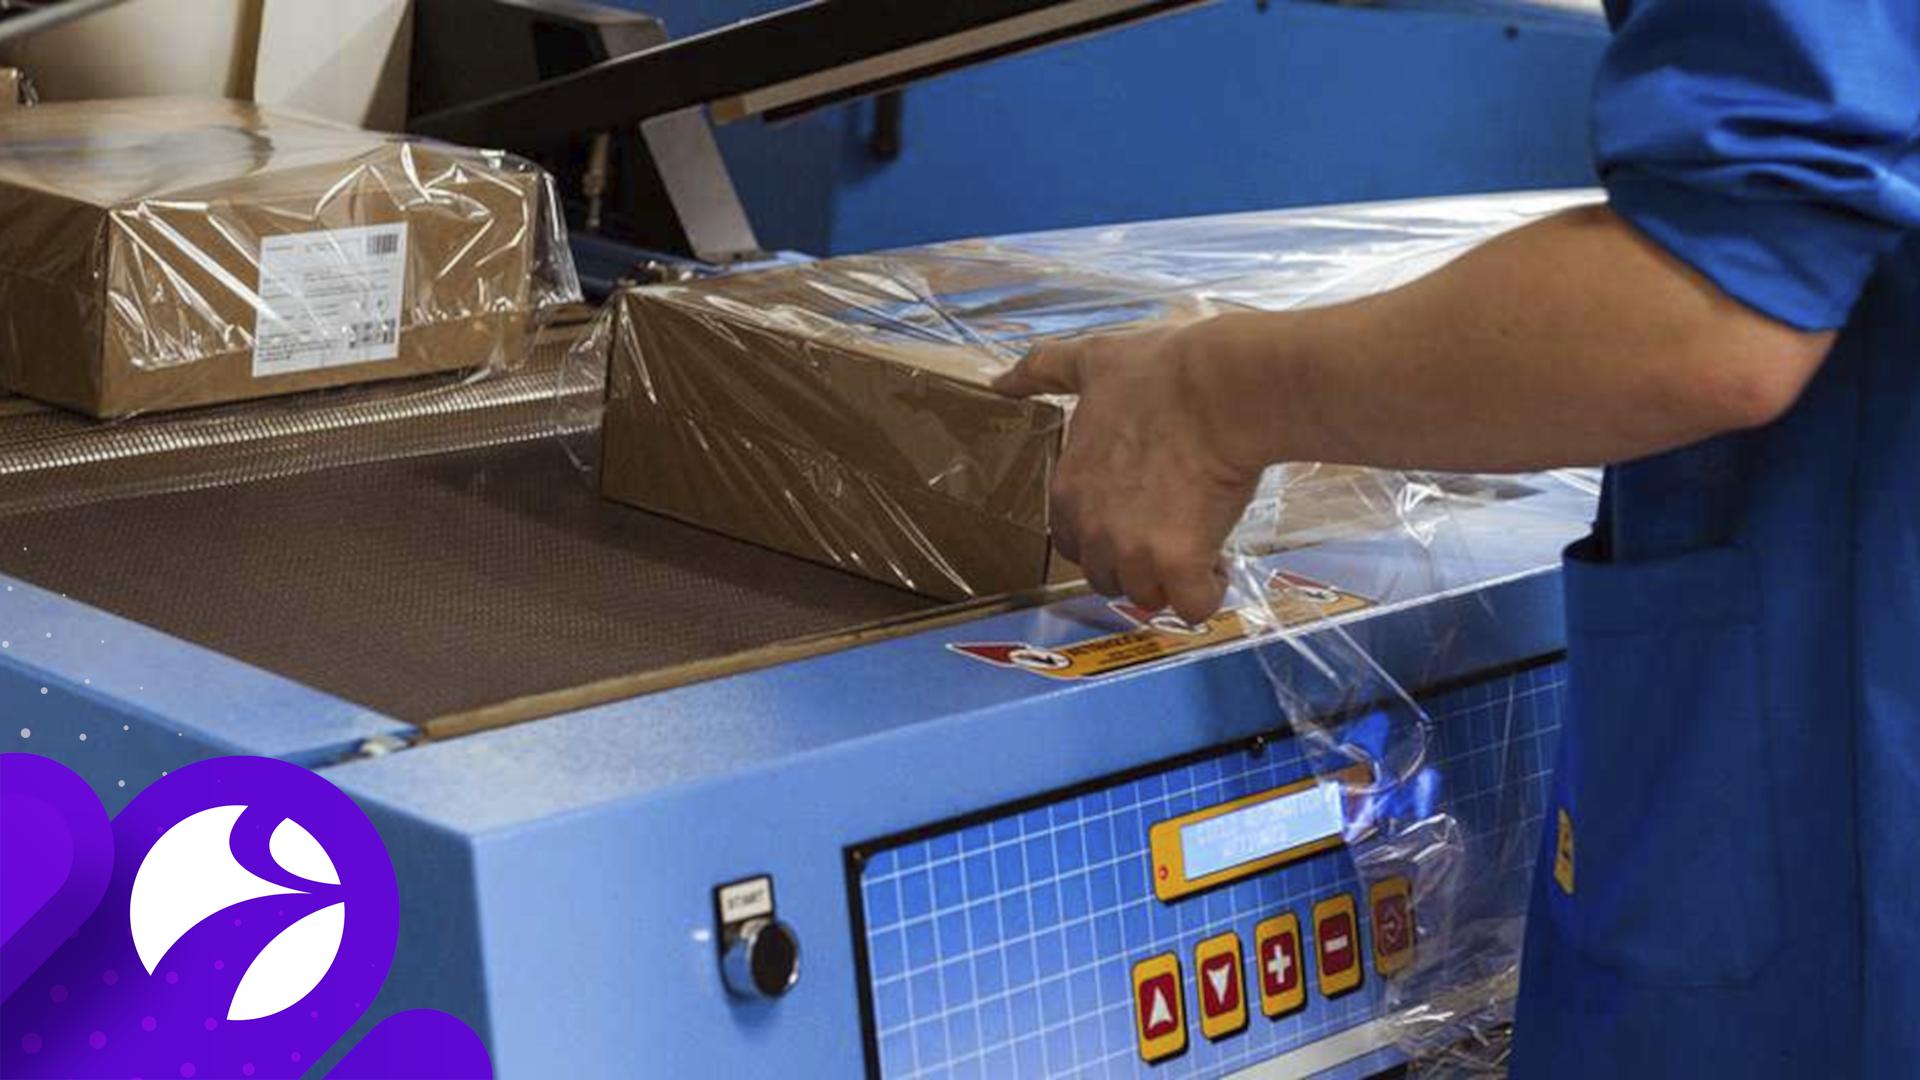 Ожидающееся подорожание упаковки приведет к неизбежному росту цен на продукты